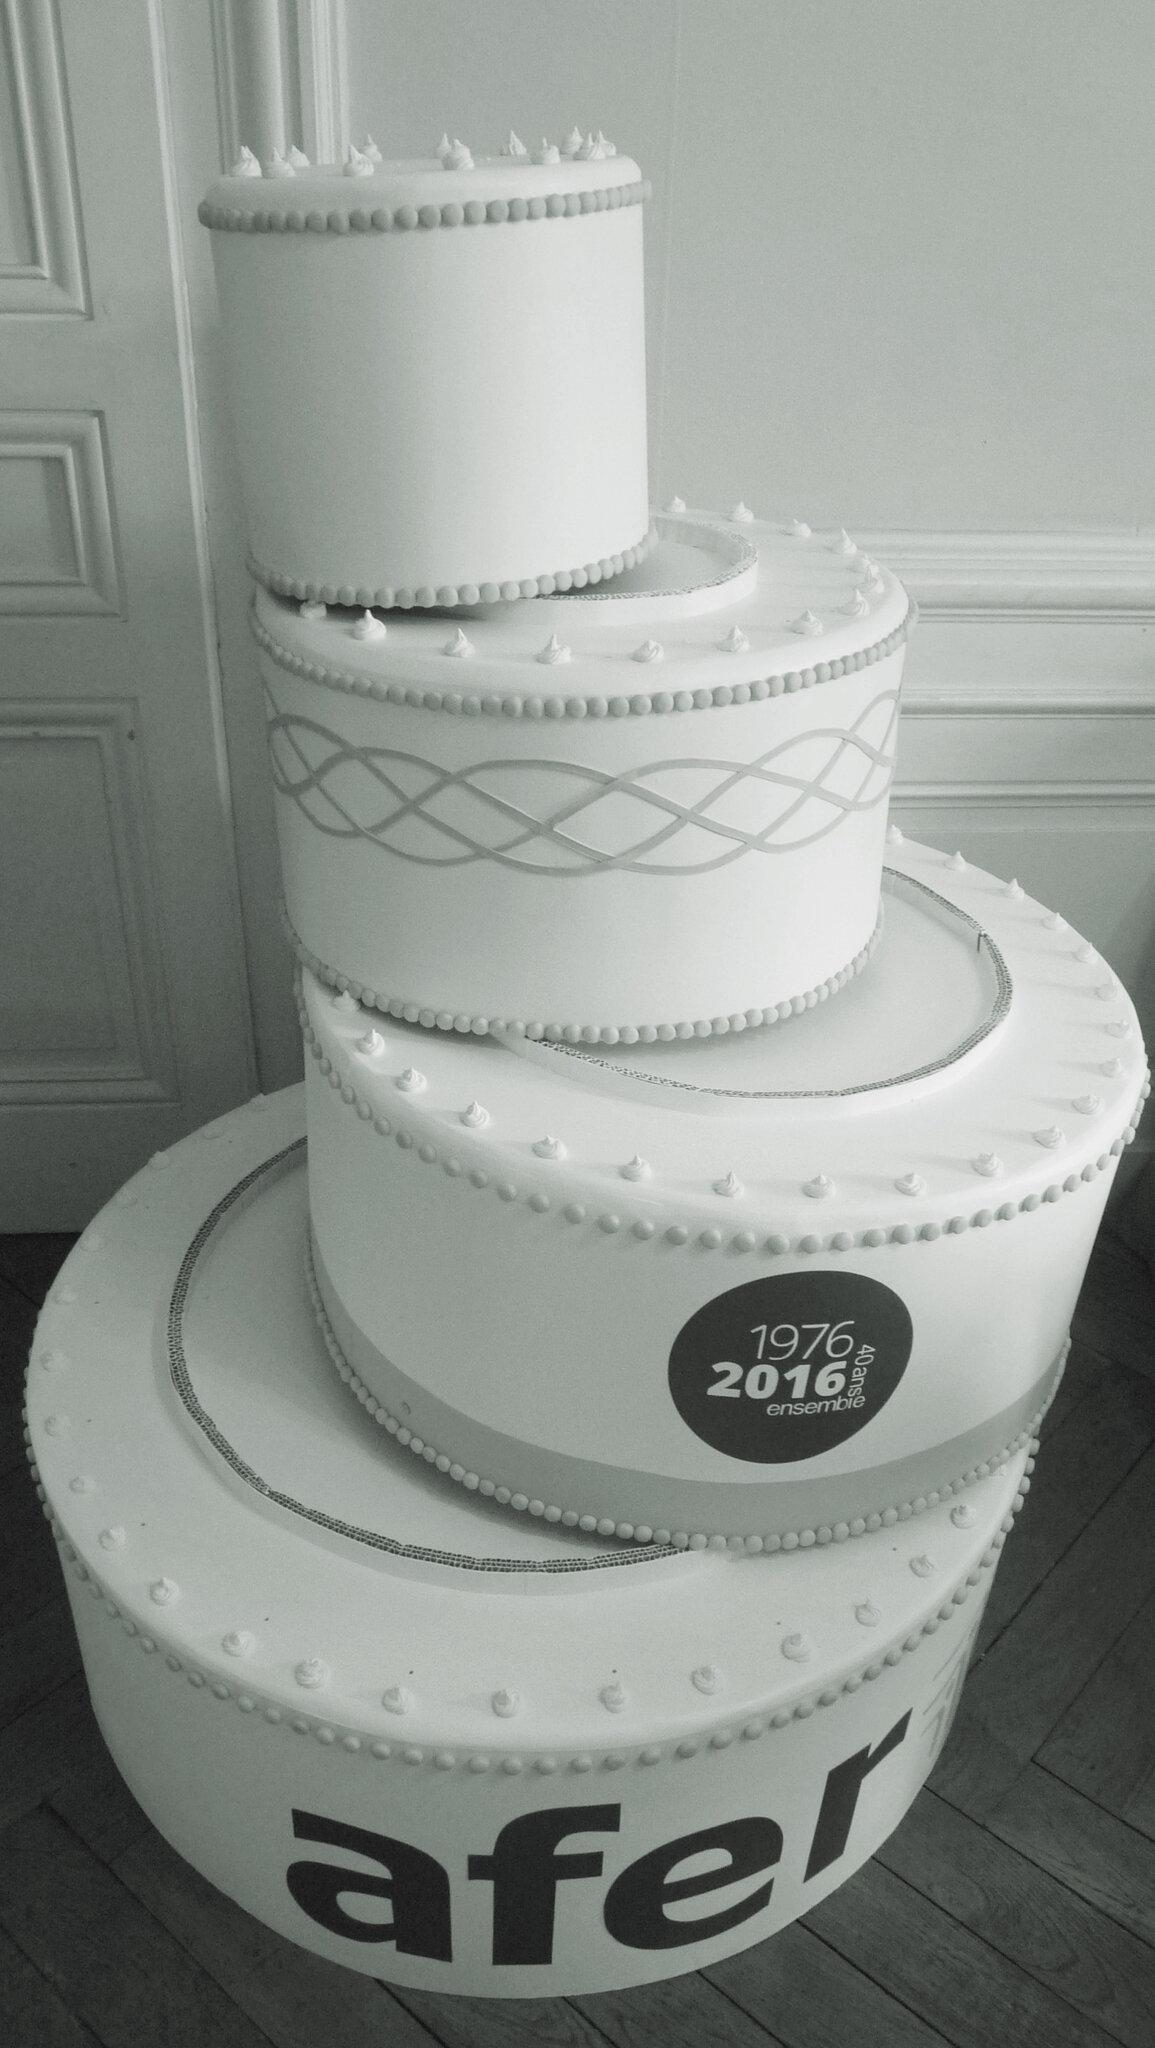 Gâteau Afer, diamètre 90 cm, heuteur 120 cm, livré en kit